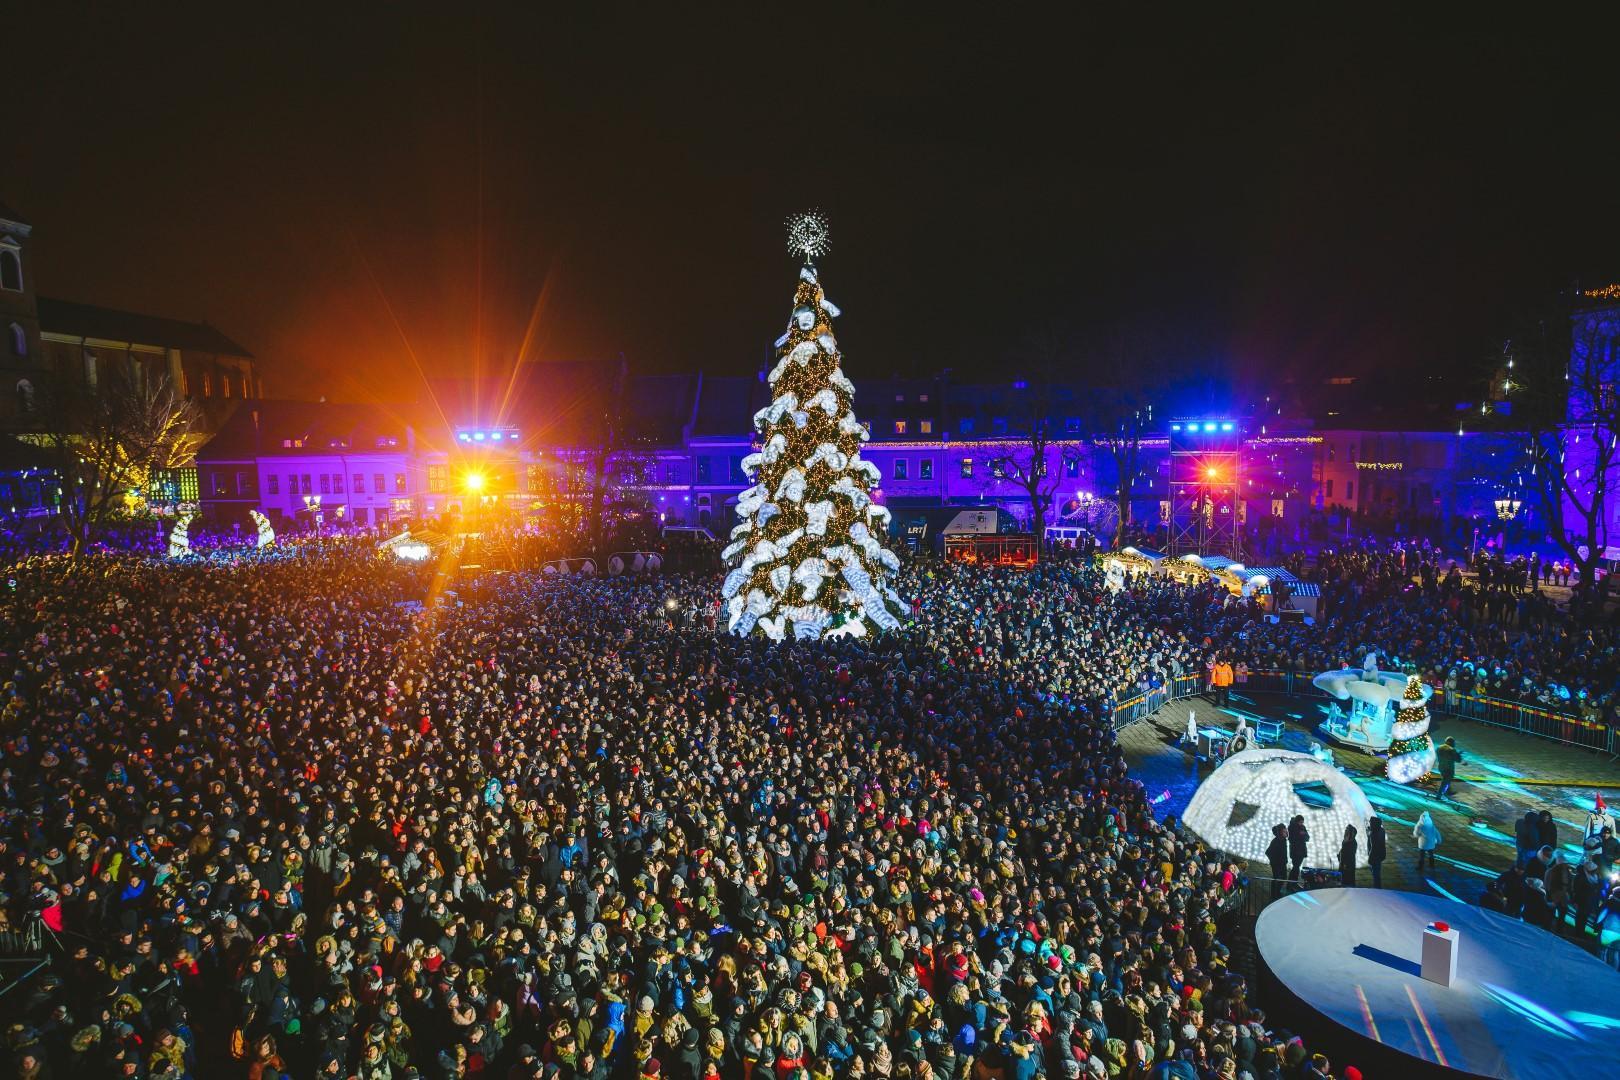 In Lituania, per un Natale veramente magico